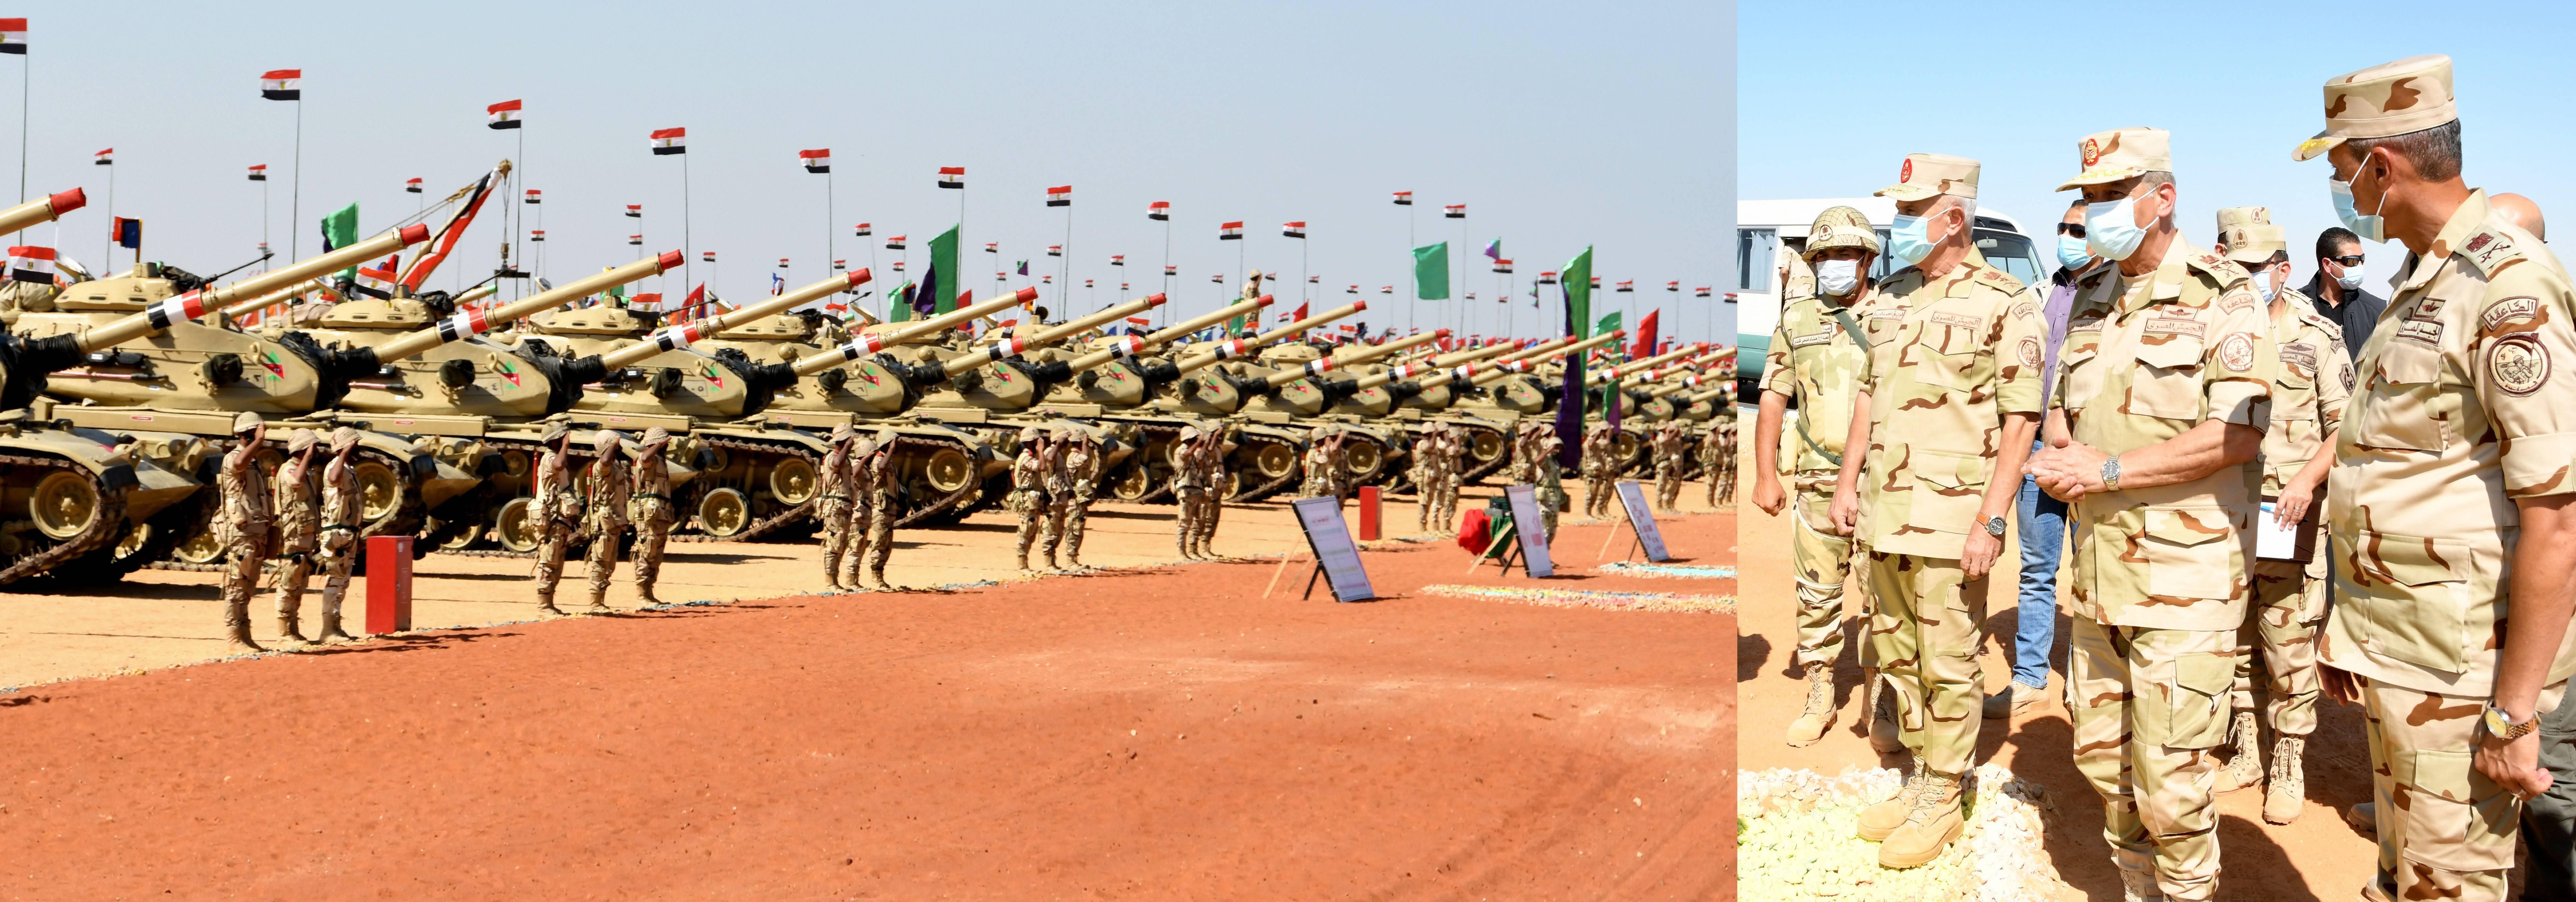 وزير الدفاع يتفقد إجراءات تفتيش الحرب لإحدى تشكيلات الجيش الثالث الميدانى (1)